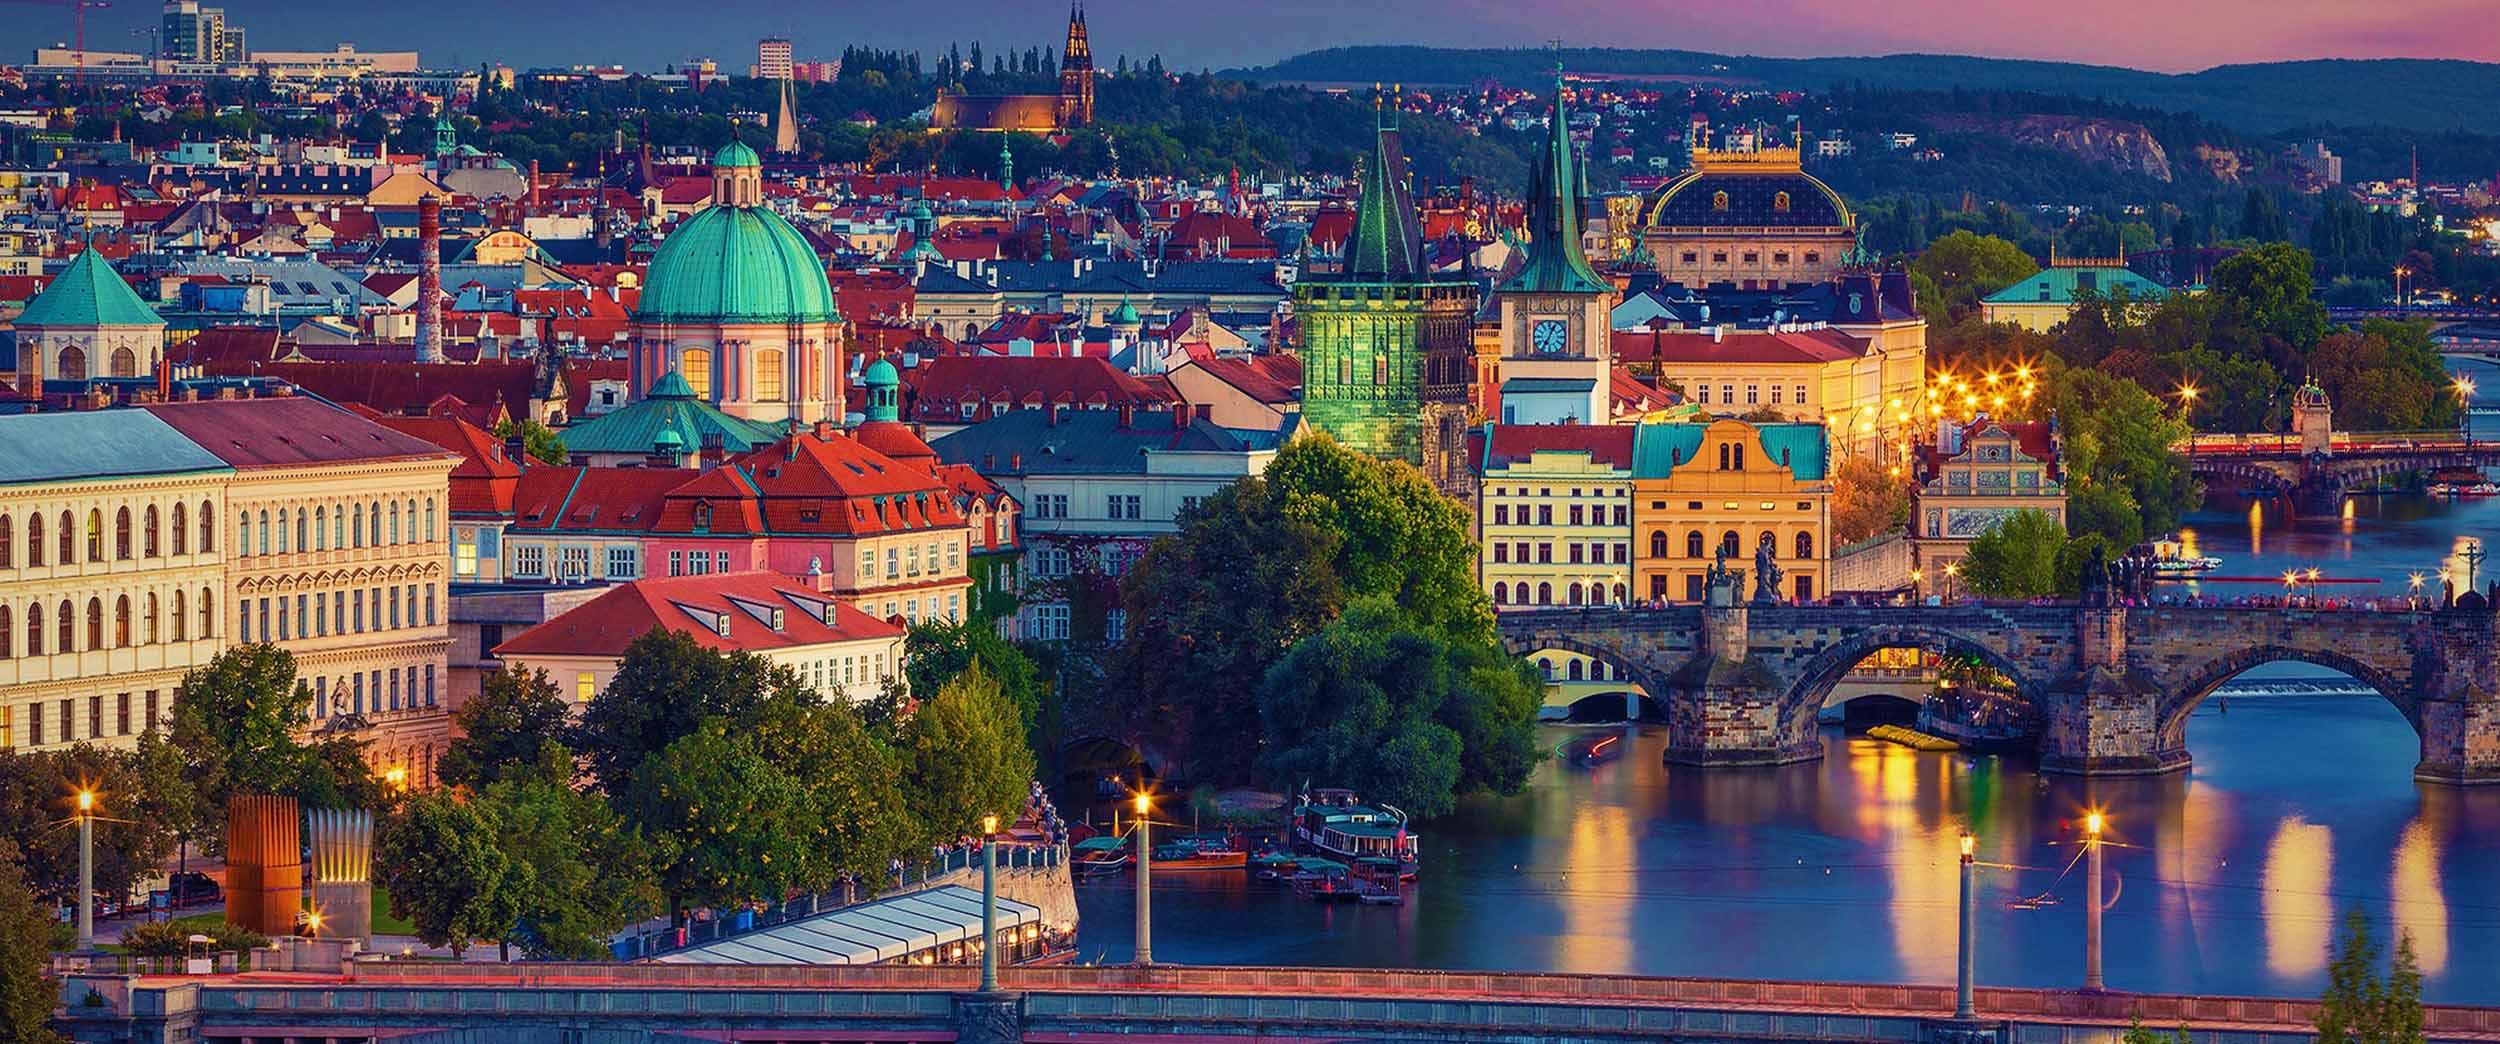 چطور در سفر به پراگ مثل کافکا در این شهر گردش کنیم؟